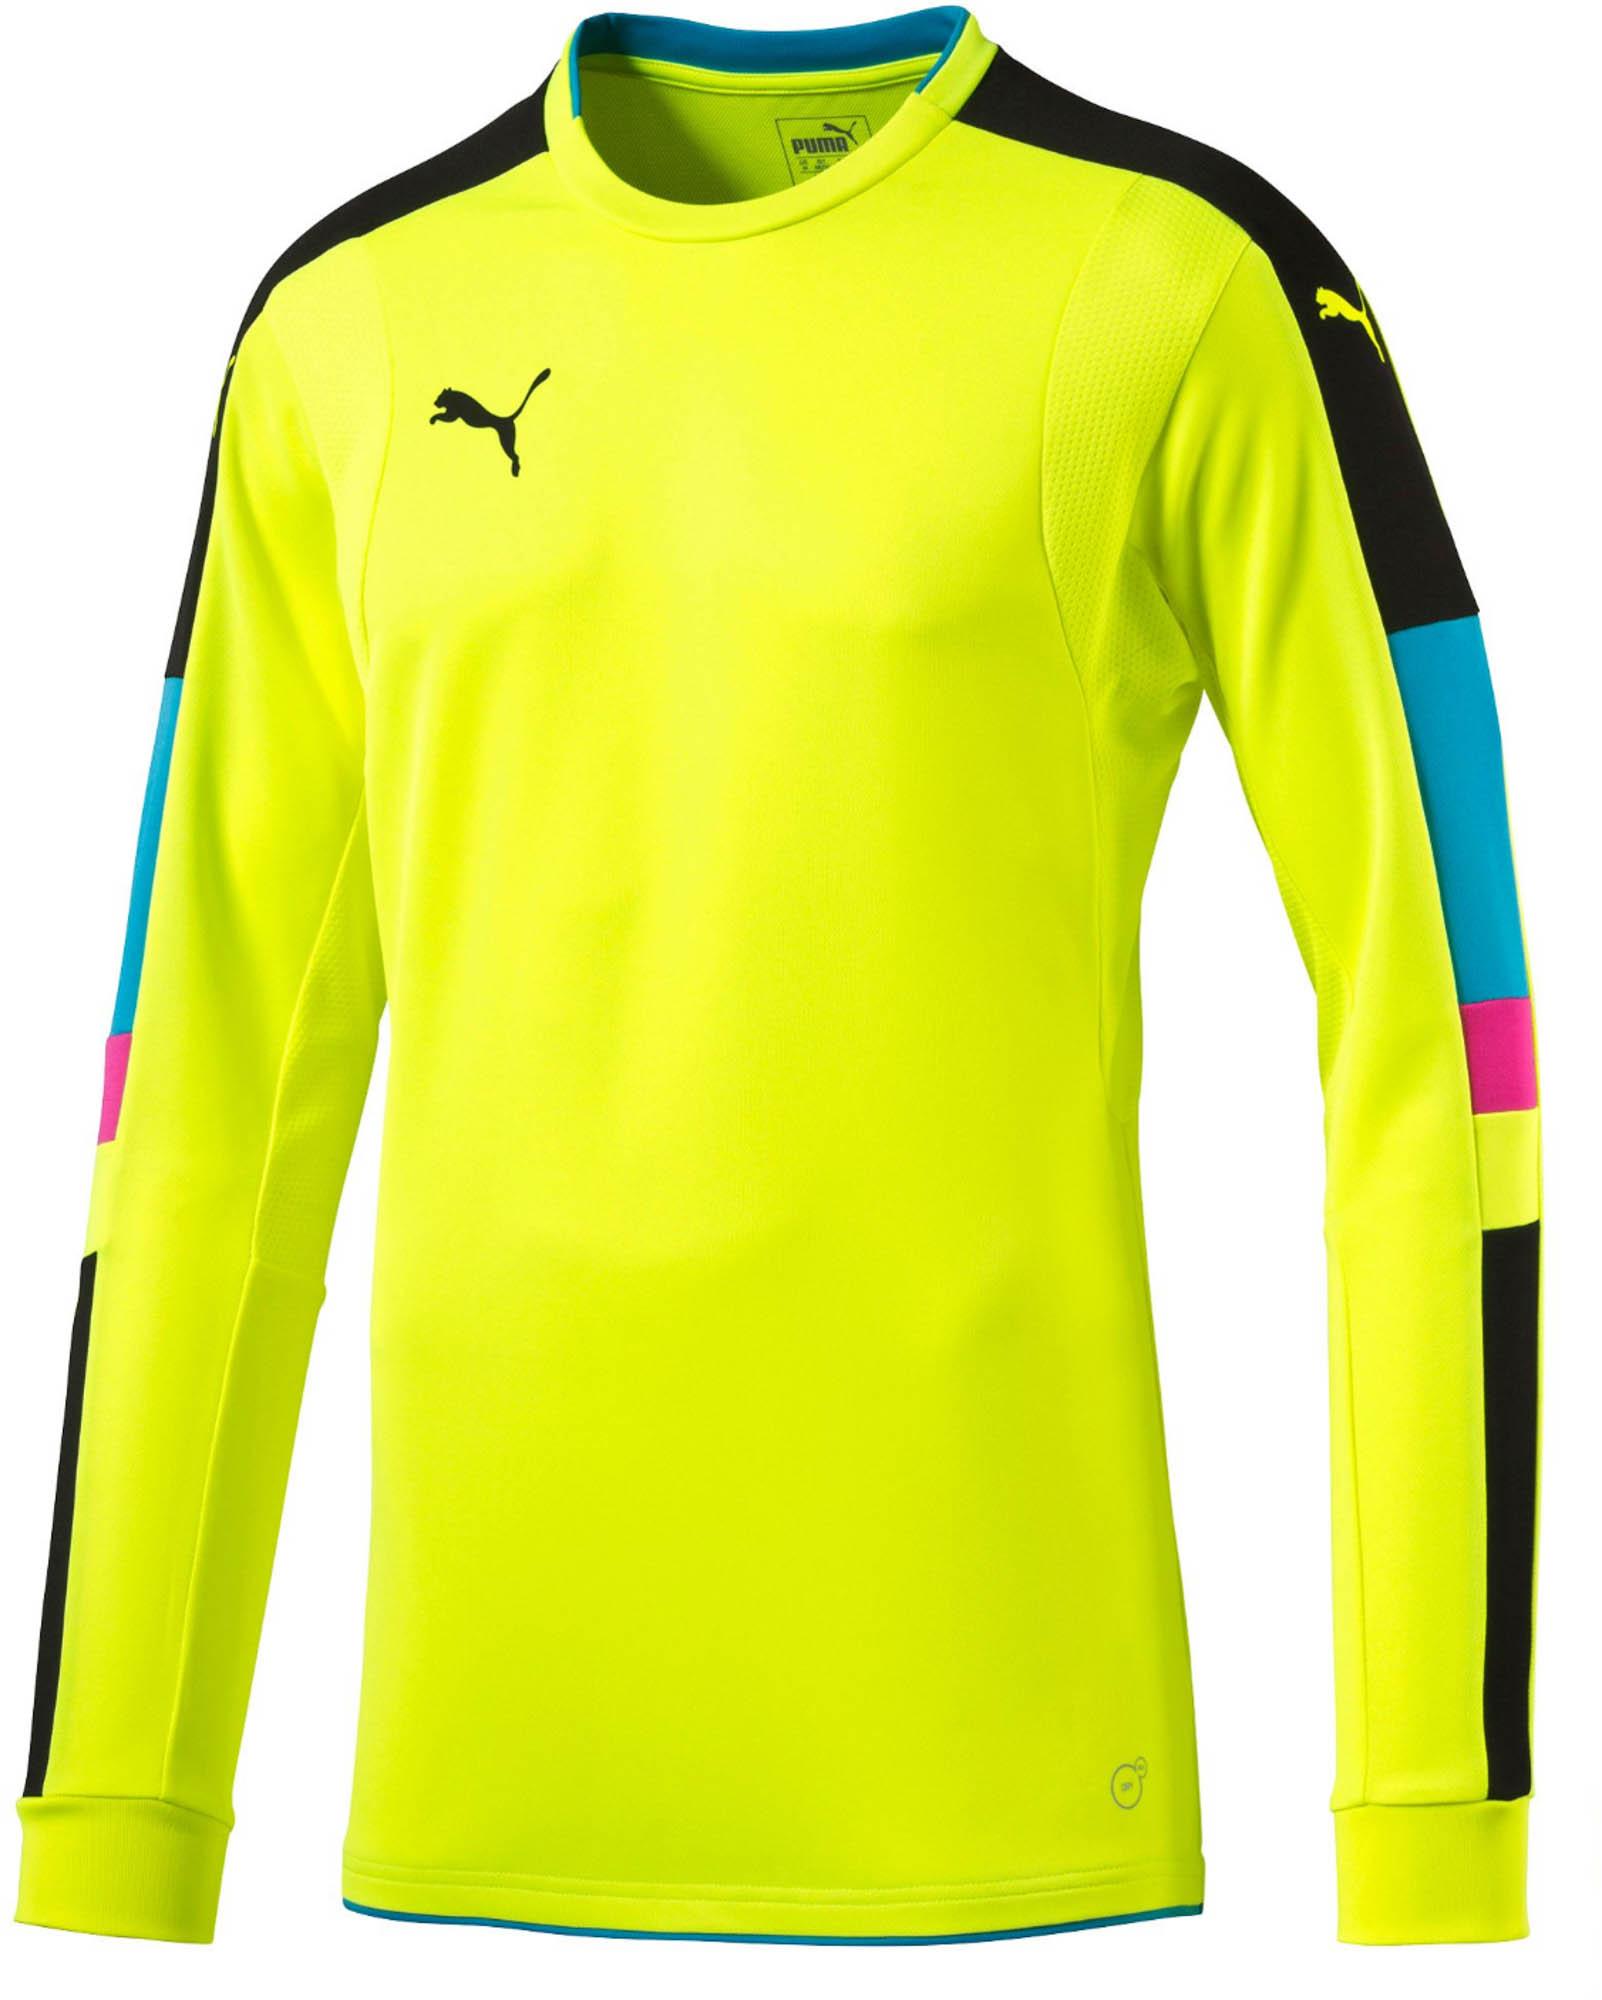 b957cdeb5 Puma Tournament Goalie Jersey- Yellow Goalkeeper Jersey